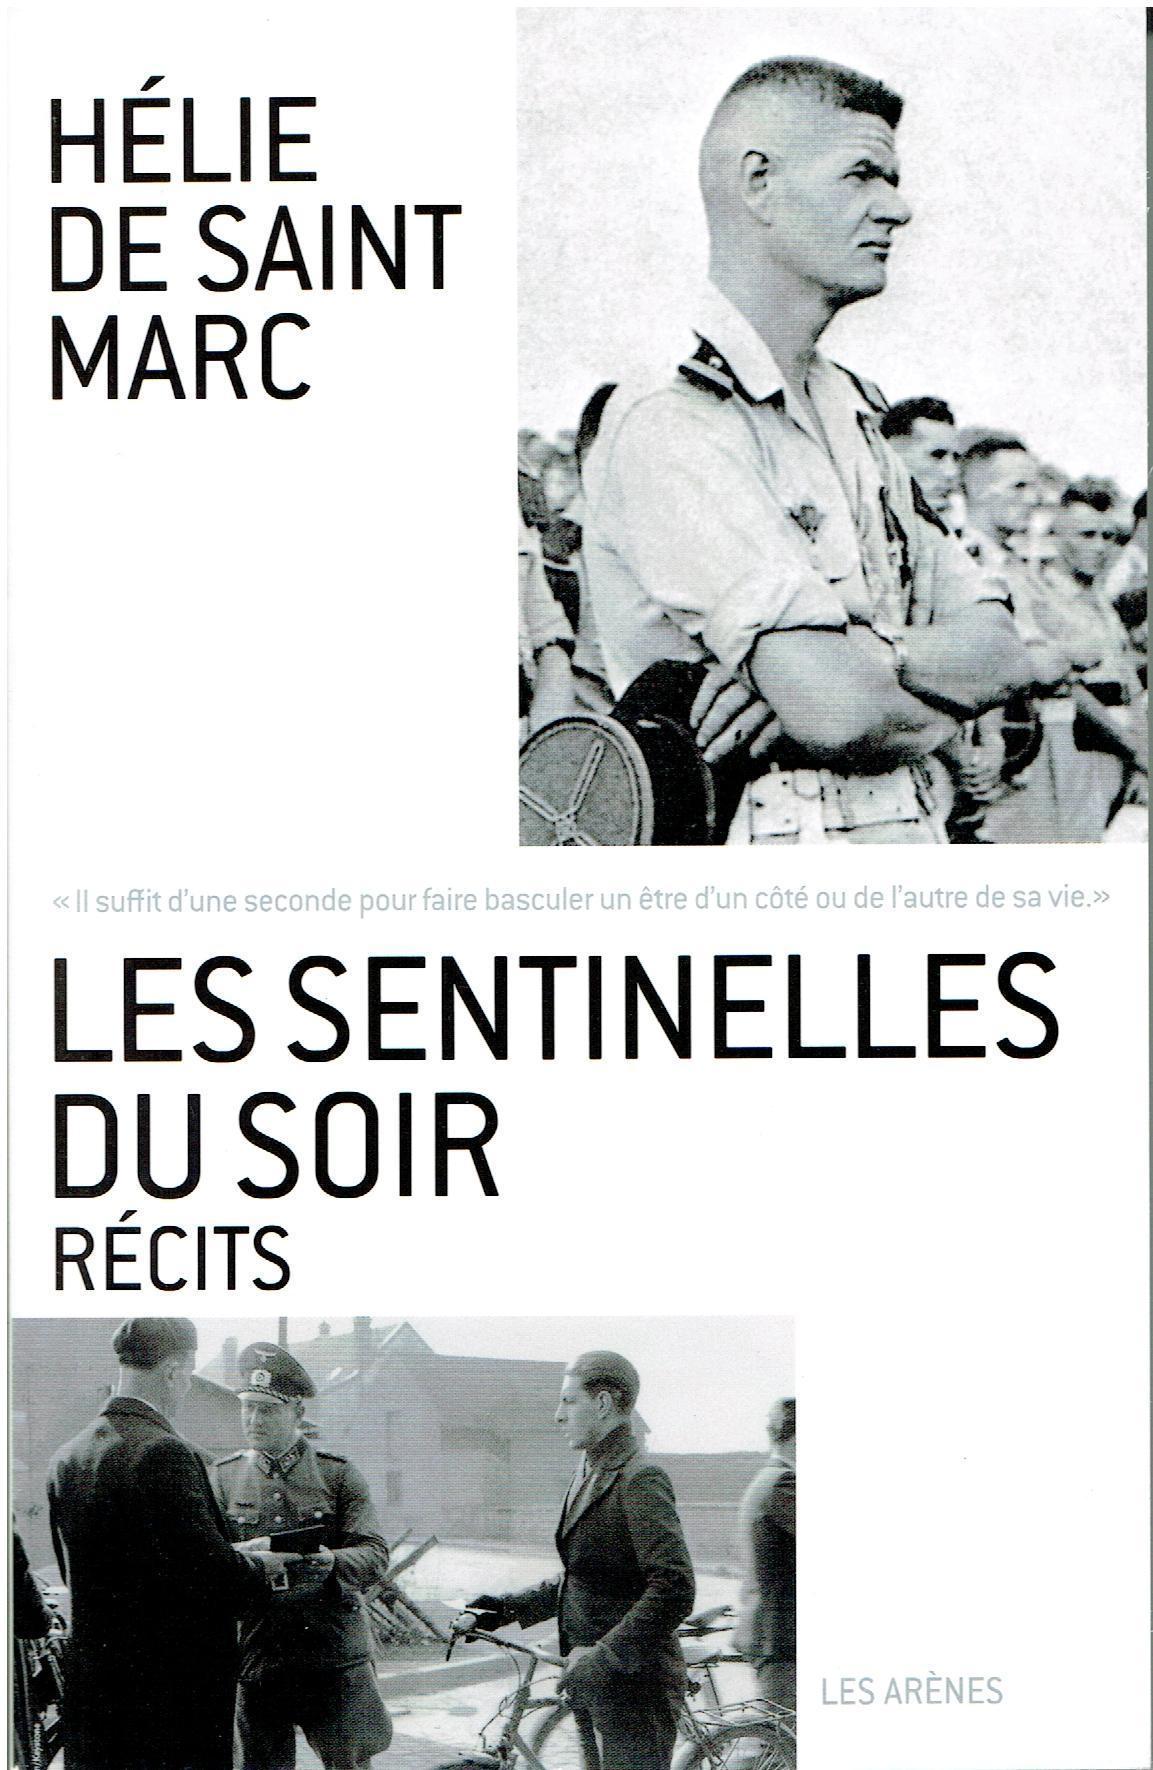 LES SENTINELLES DU SOIR  / HELIE DE SAINT MARC MawiU8